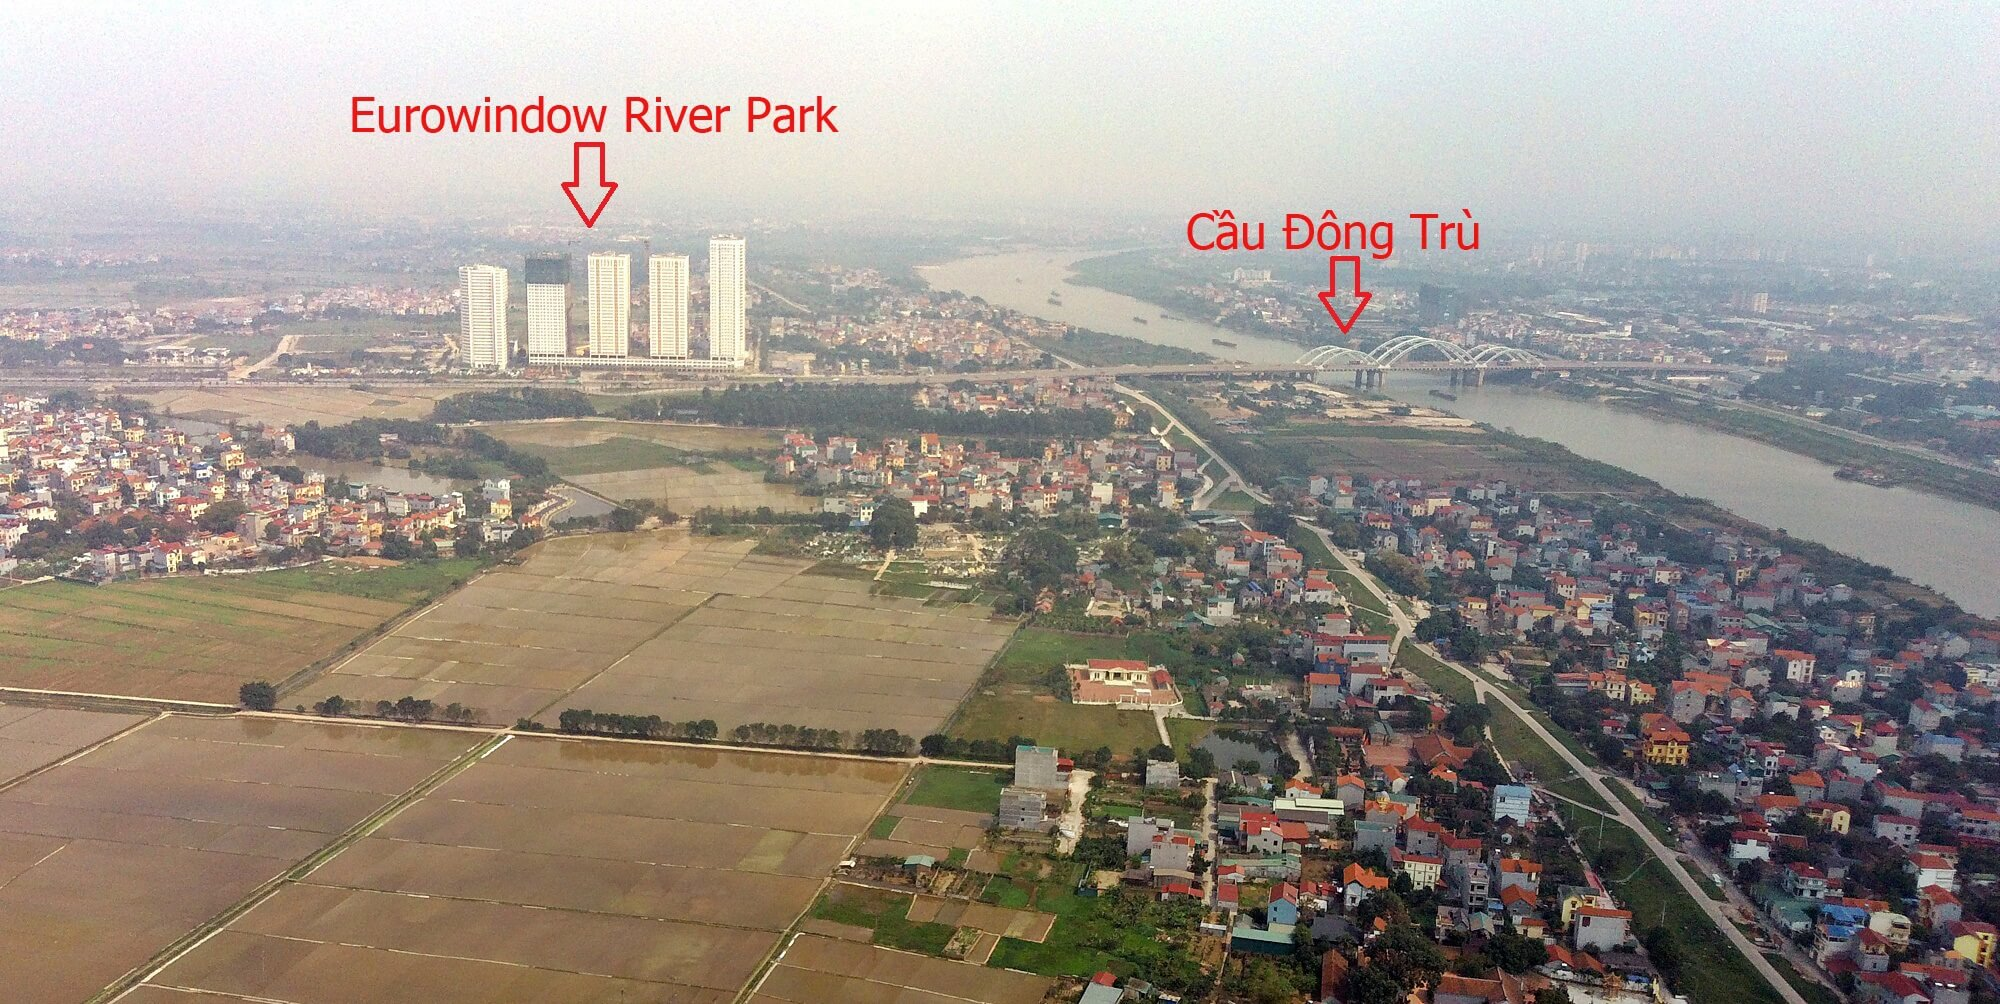 Hình ảnh từ xa của dự án Eurowindow River Park.